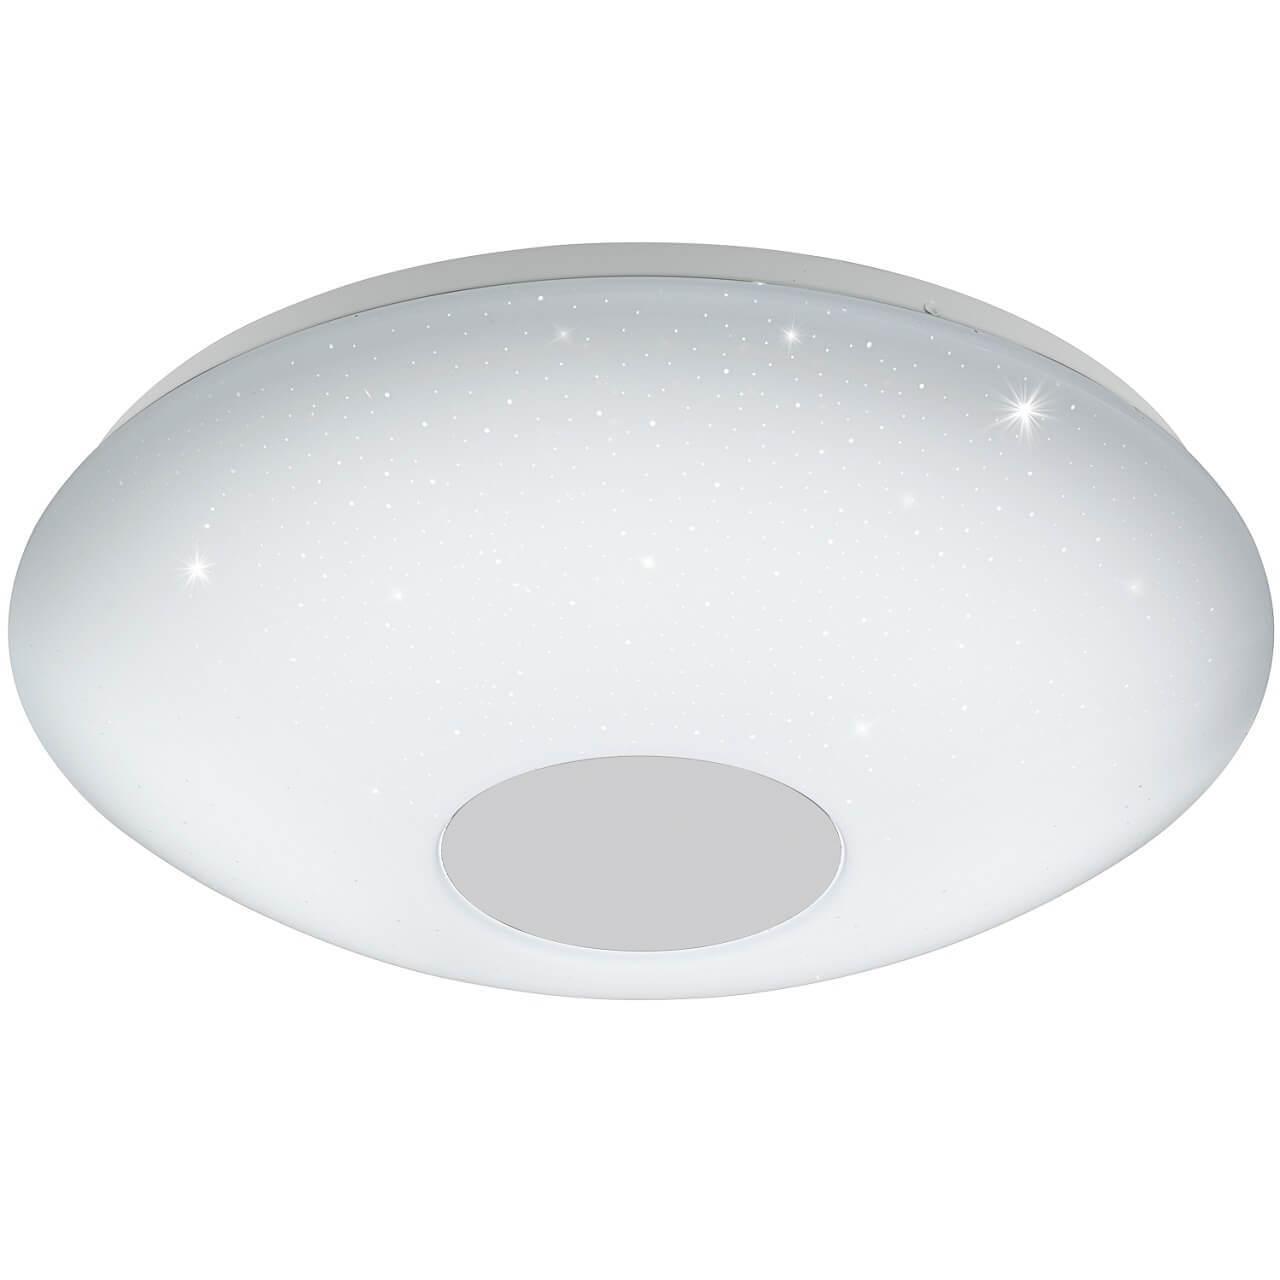 Светильник Eglo 95973 Voltago